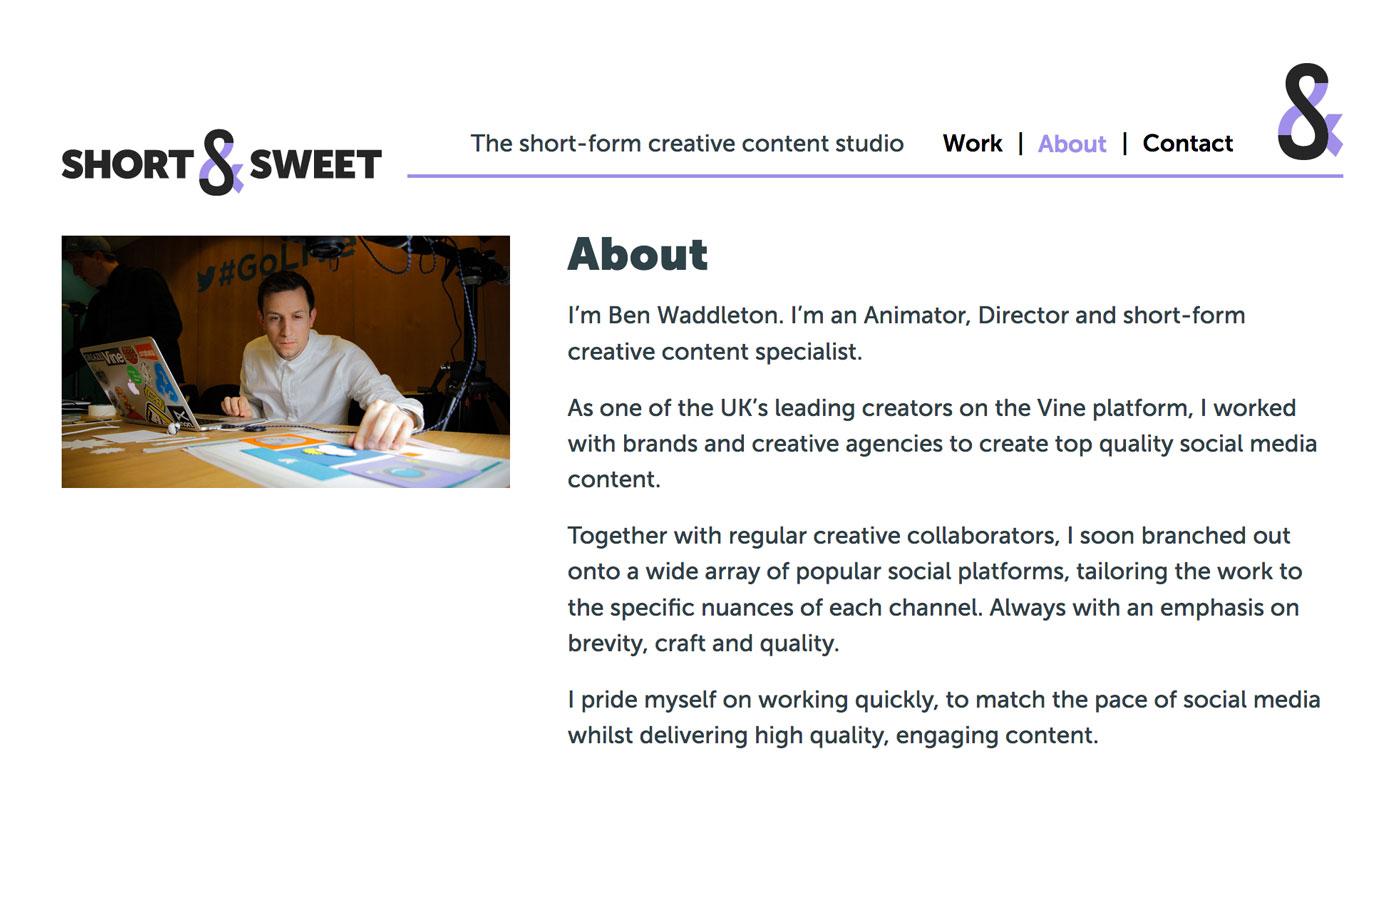 Ben Byford>Short & Sweet studio</Ben Byford>